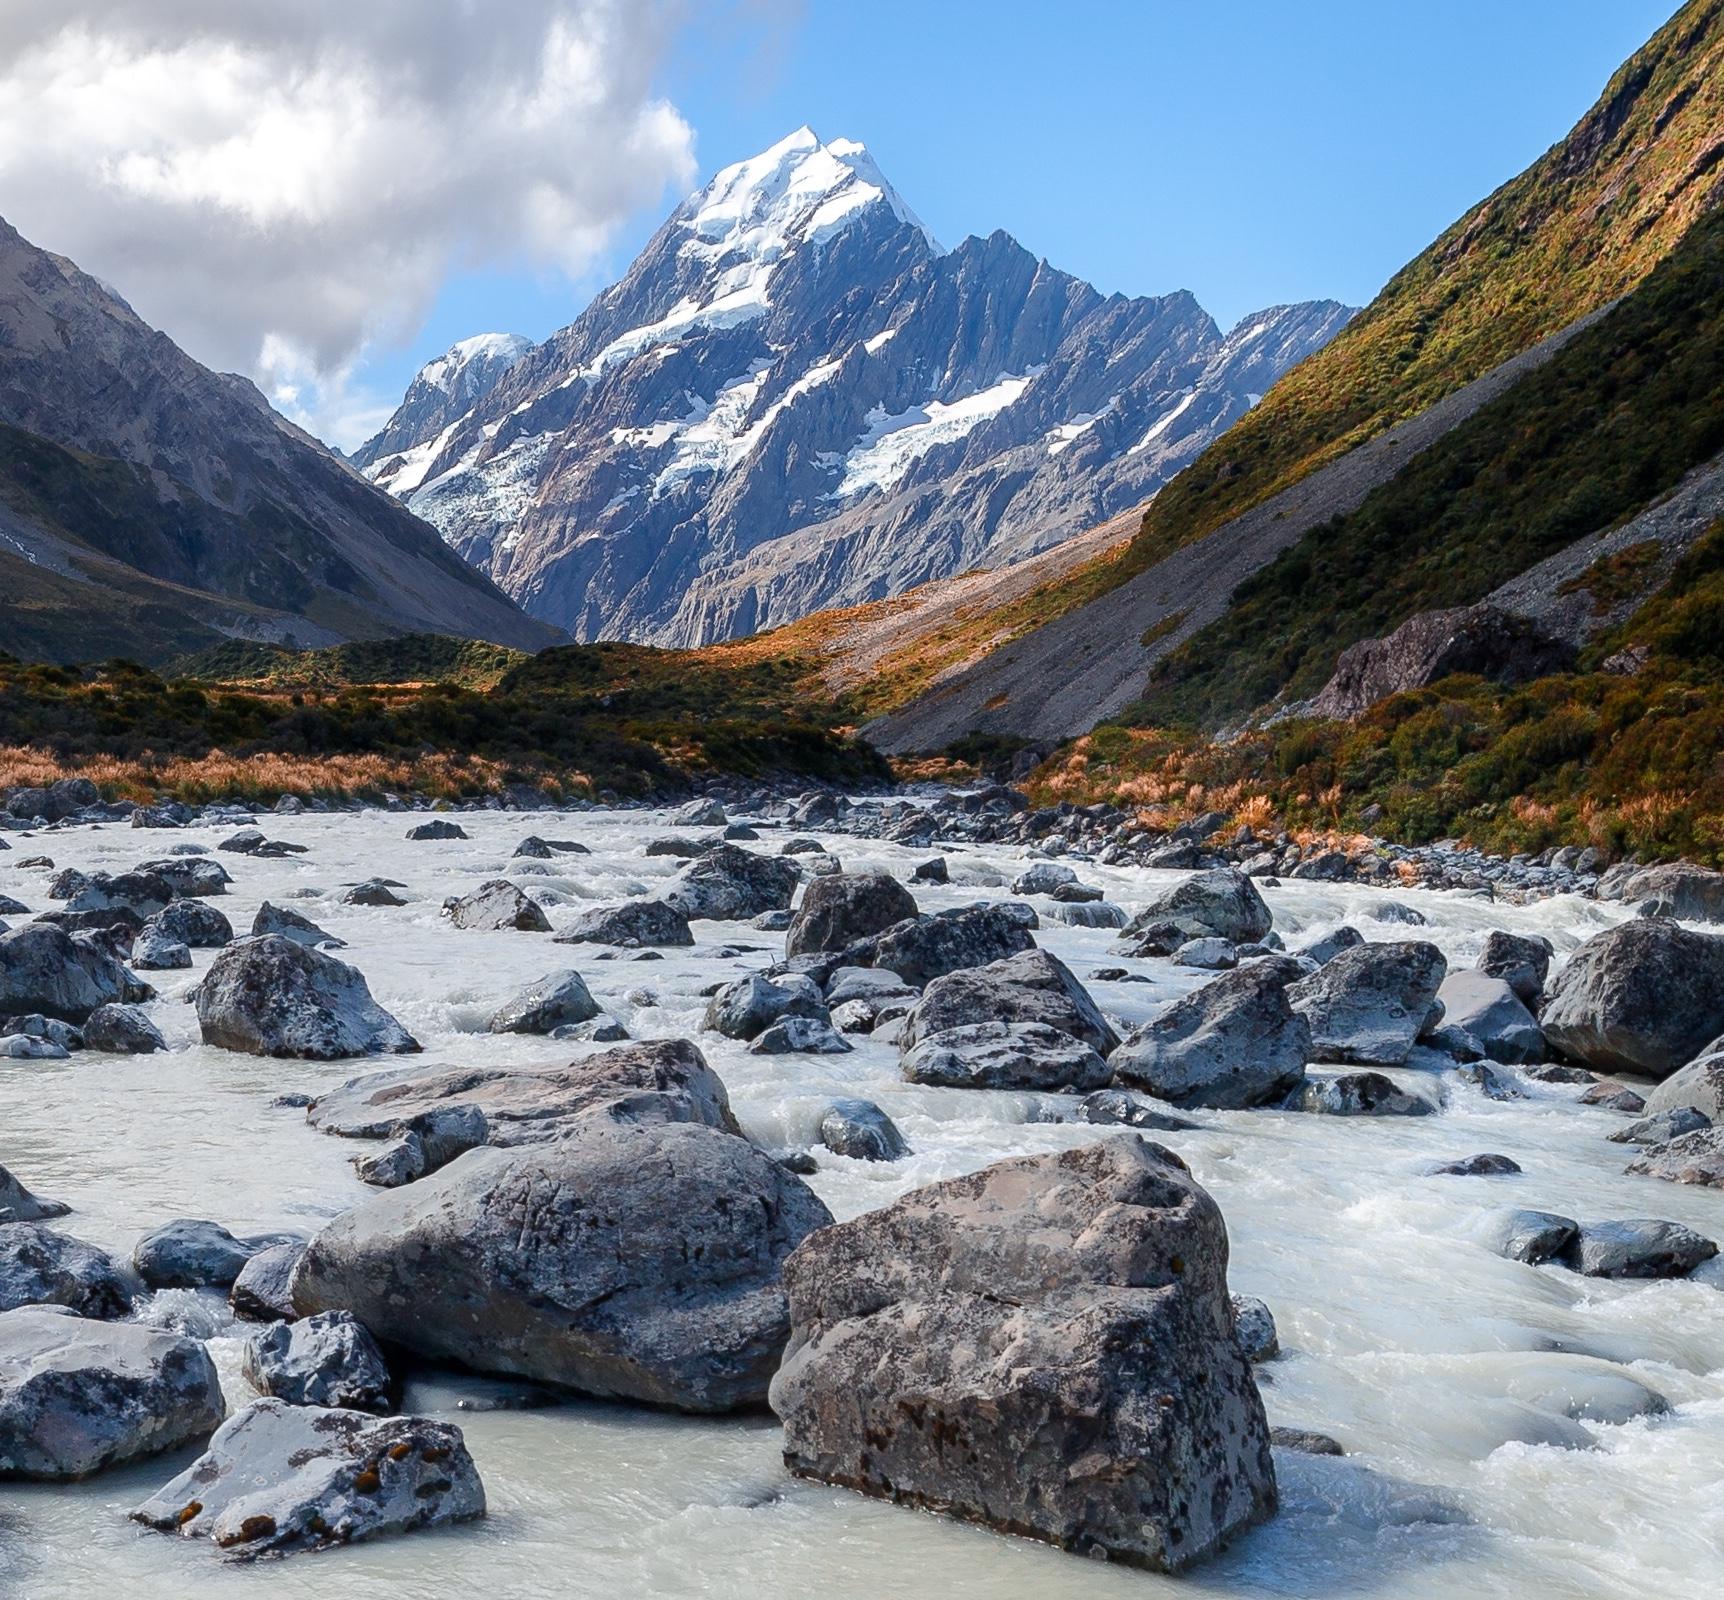 Landscape Photography Tour | Luxury New Zealand Travel